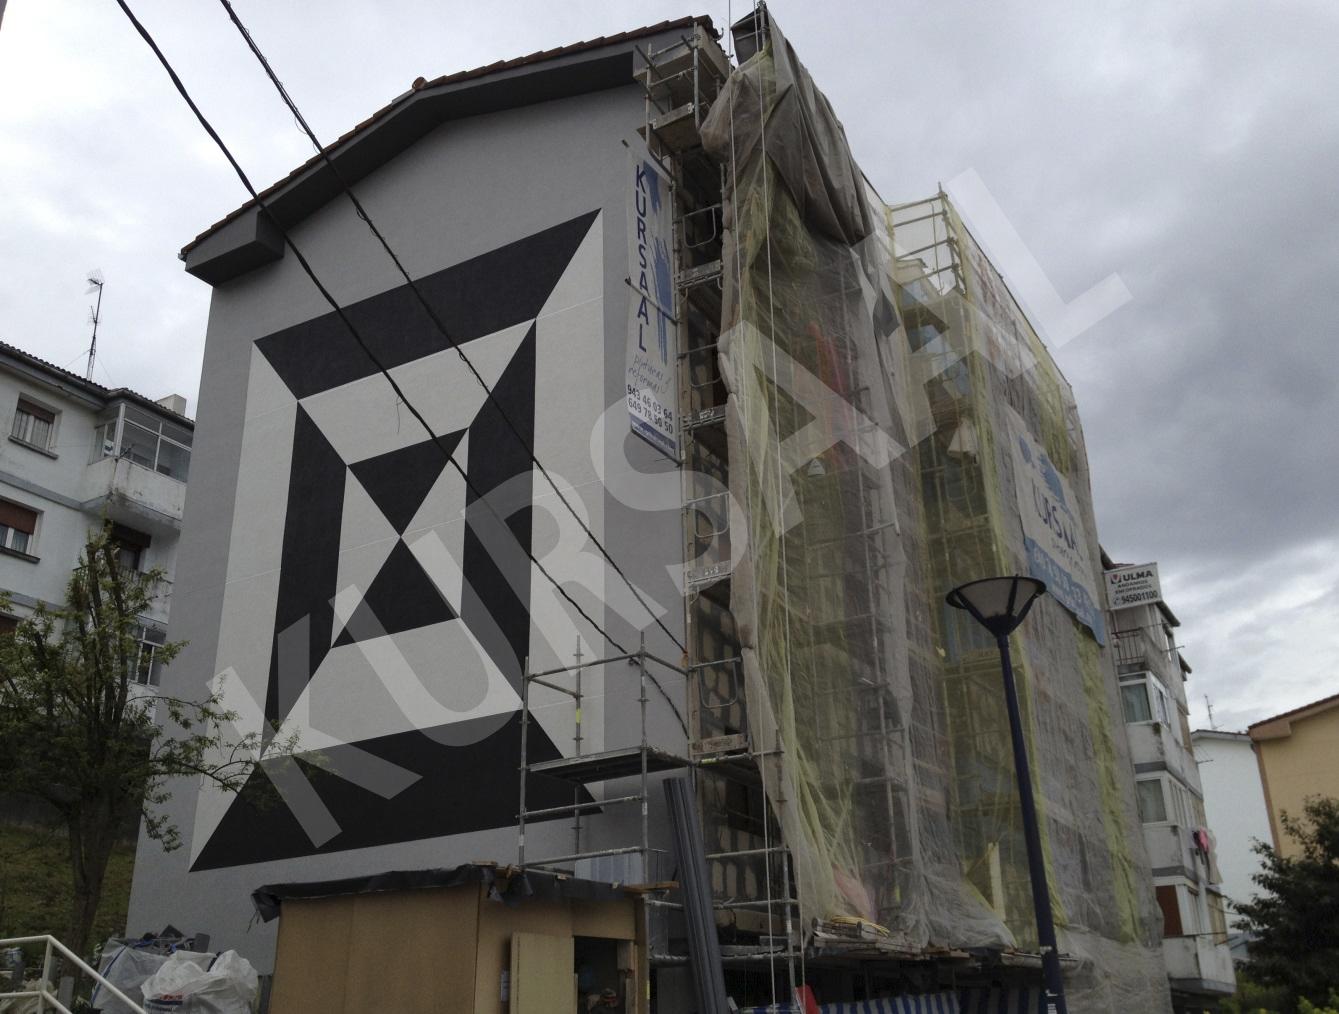 foto 5 - Aislamientos Térmicos y Eficiencia Energética-Urdaburu 5-ERRENTERIA, GIPUZKOA